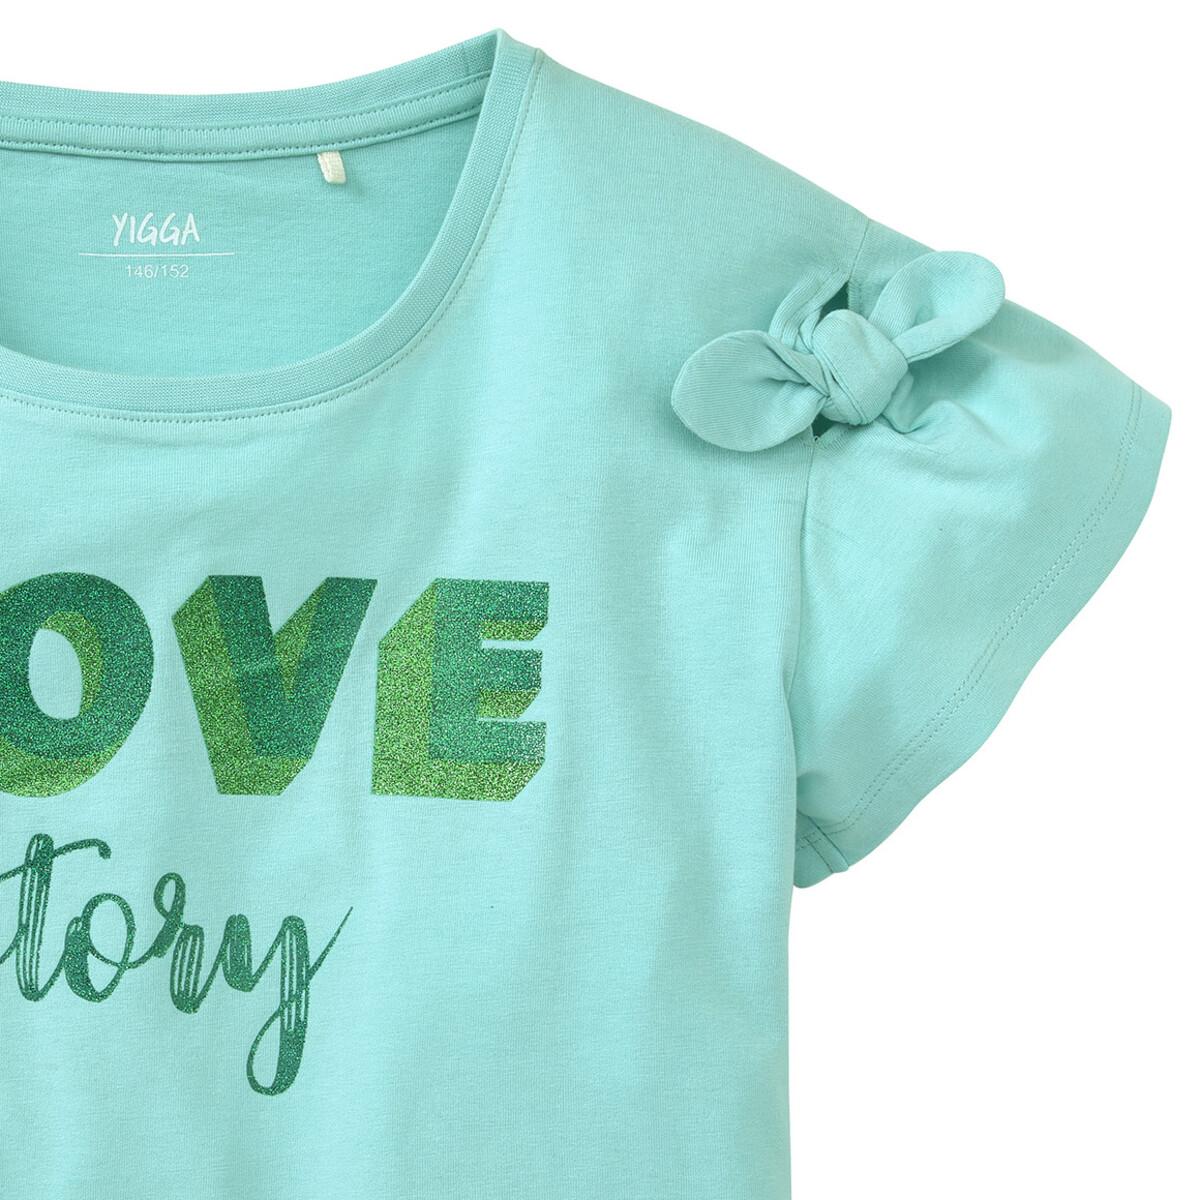 Bild 2 von Mädchen T-Shirt mit Glitzer-Print